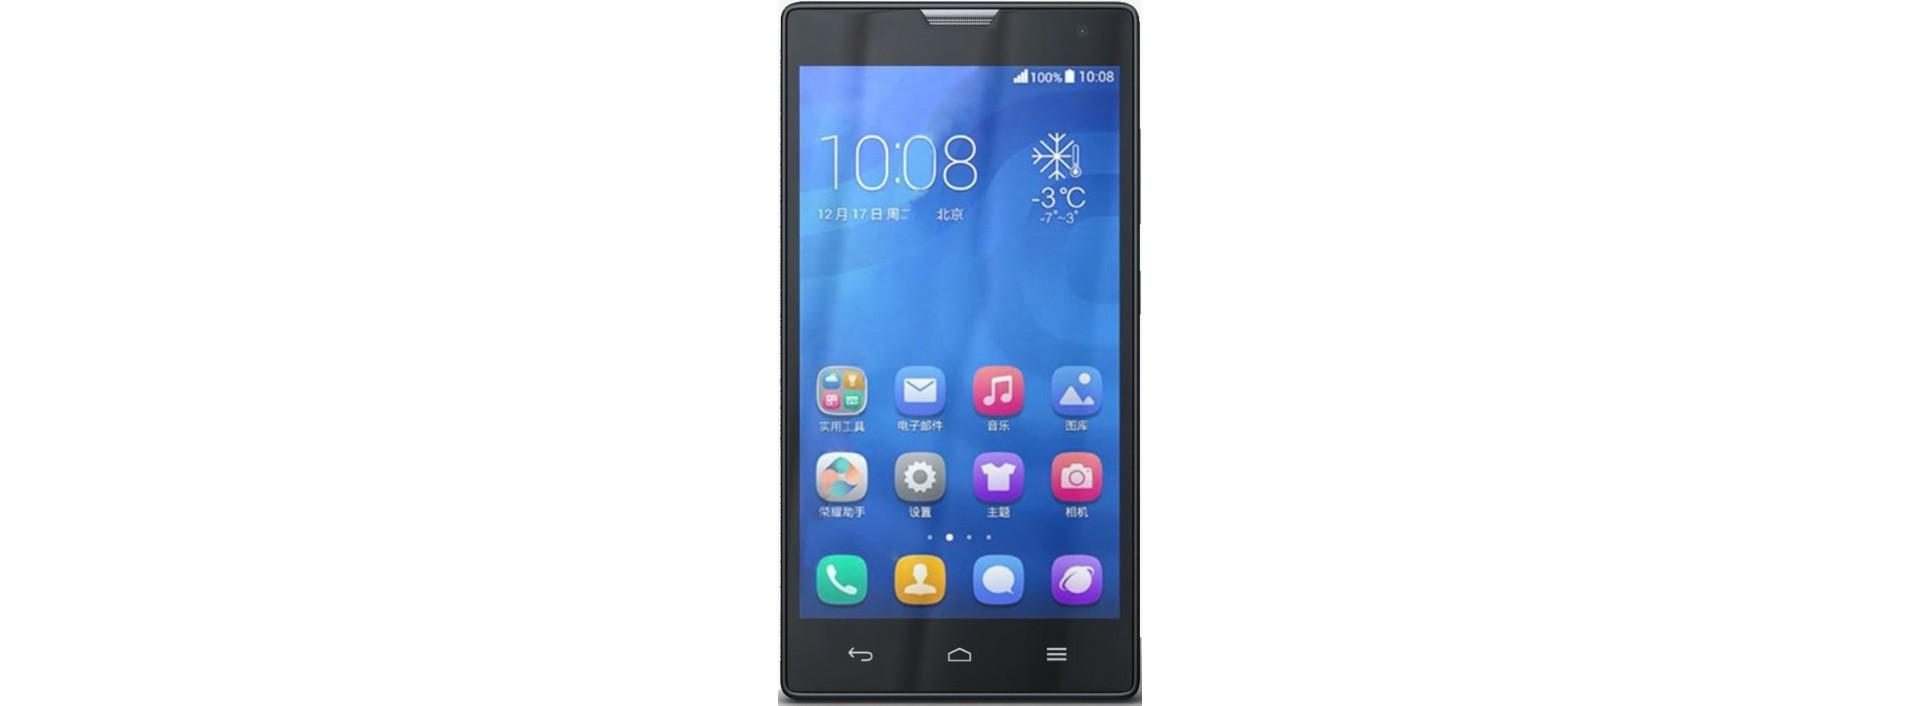 Fundas PERSONALIZADAS Huawei Honor 3C, compra ya, Envío Gratis en TMS